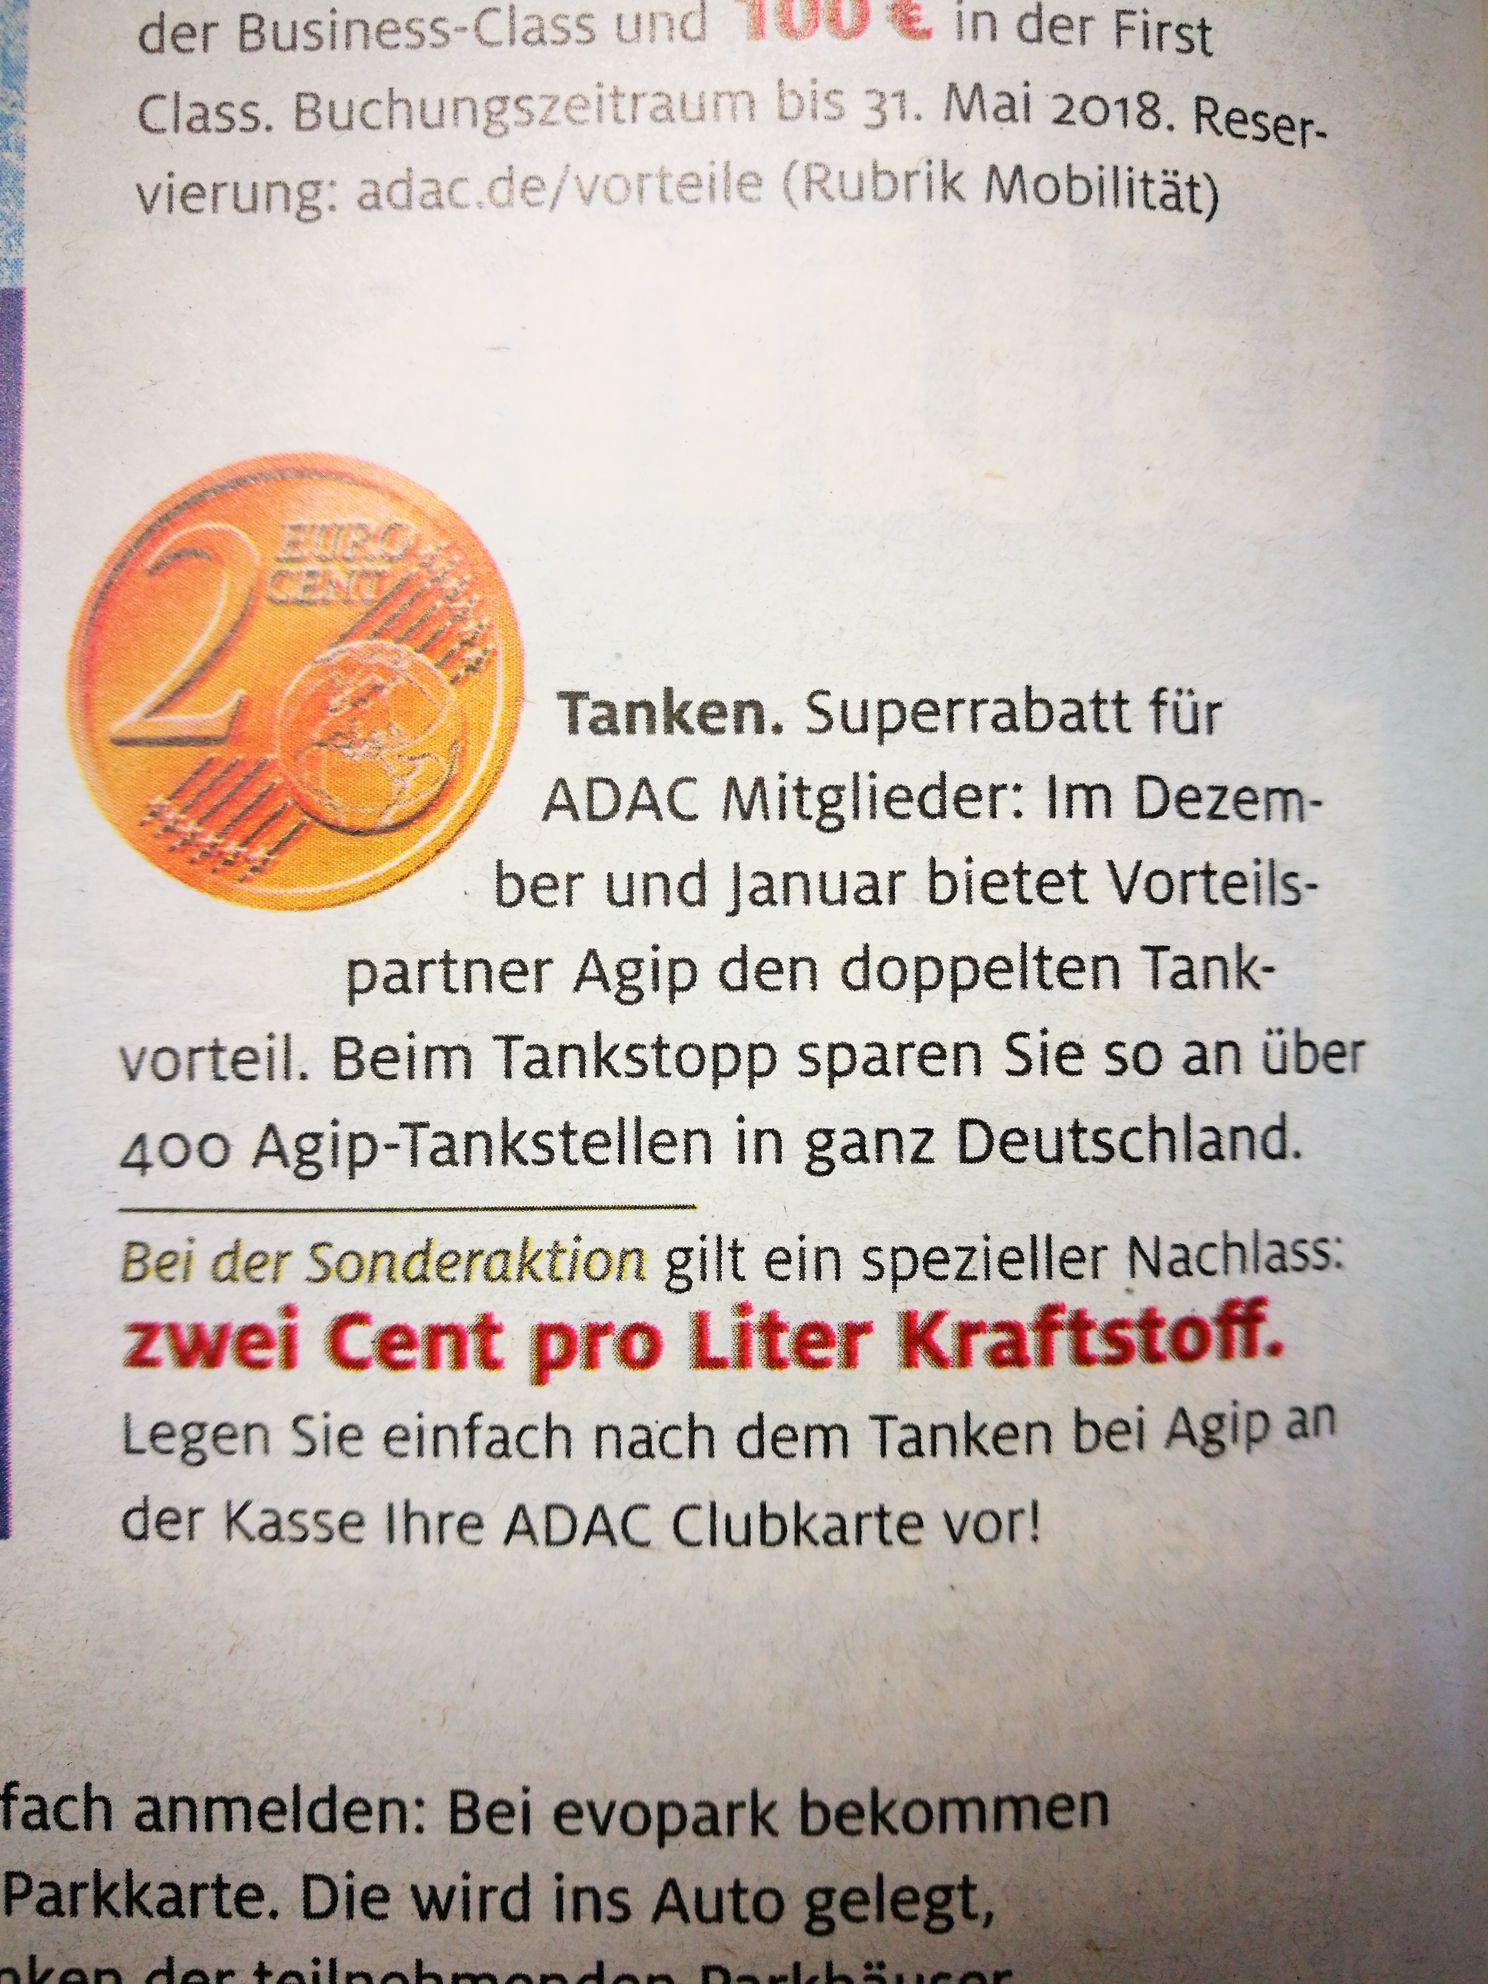 2 Cent Tankrabatt je Liter bei AGIP für ADAC Mitglieder im Dezember und Januar.